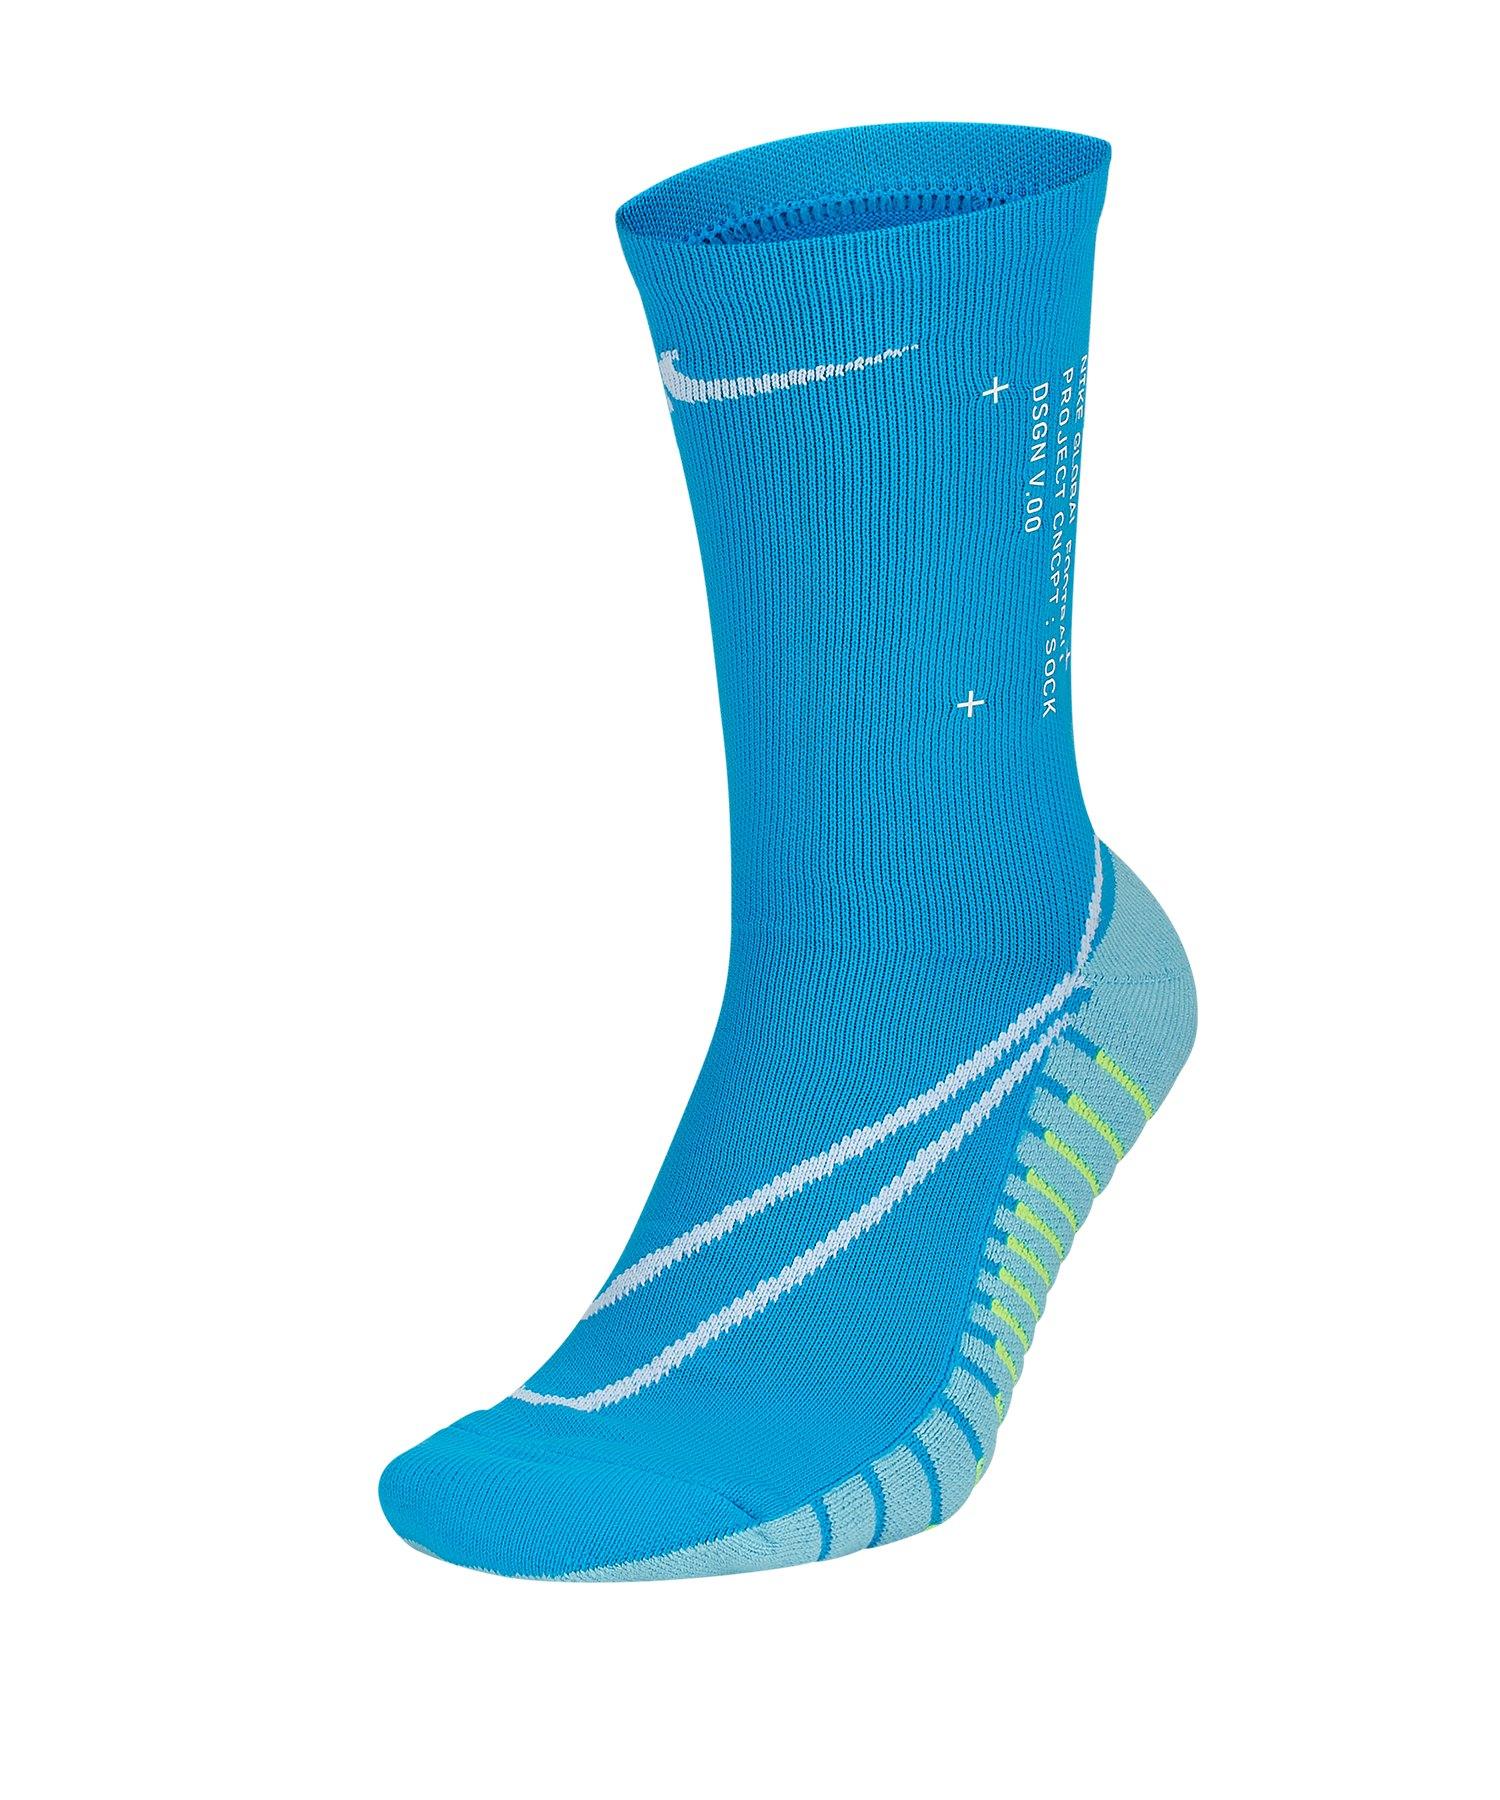 Nike Squad Crew Canvas Socken Blau F430 - blau